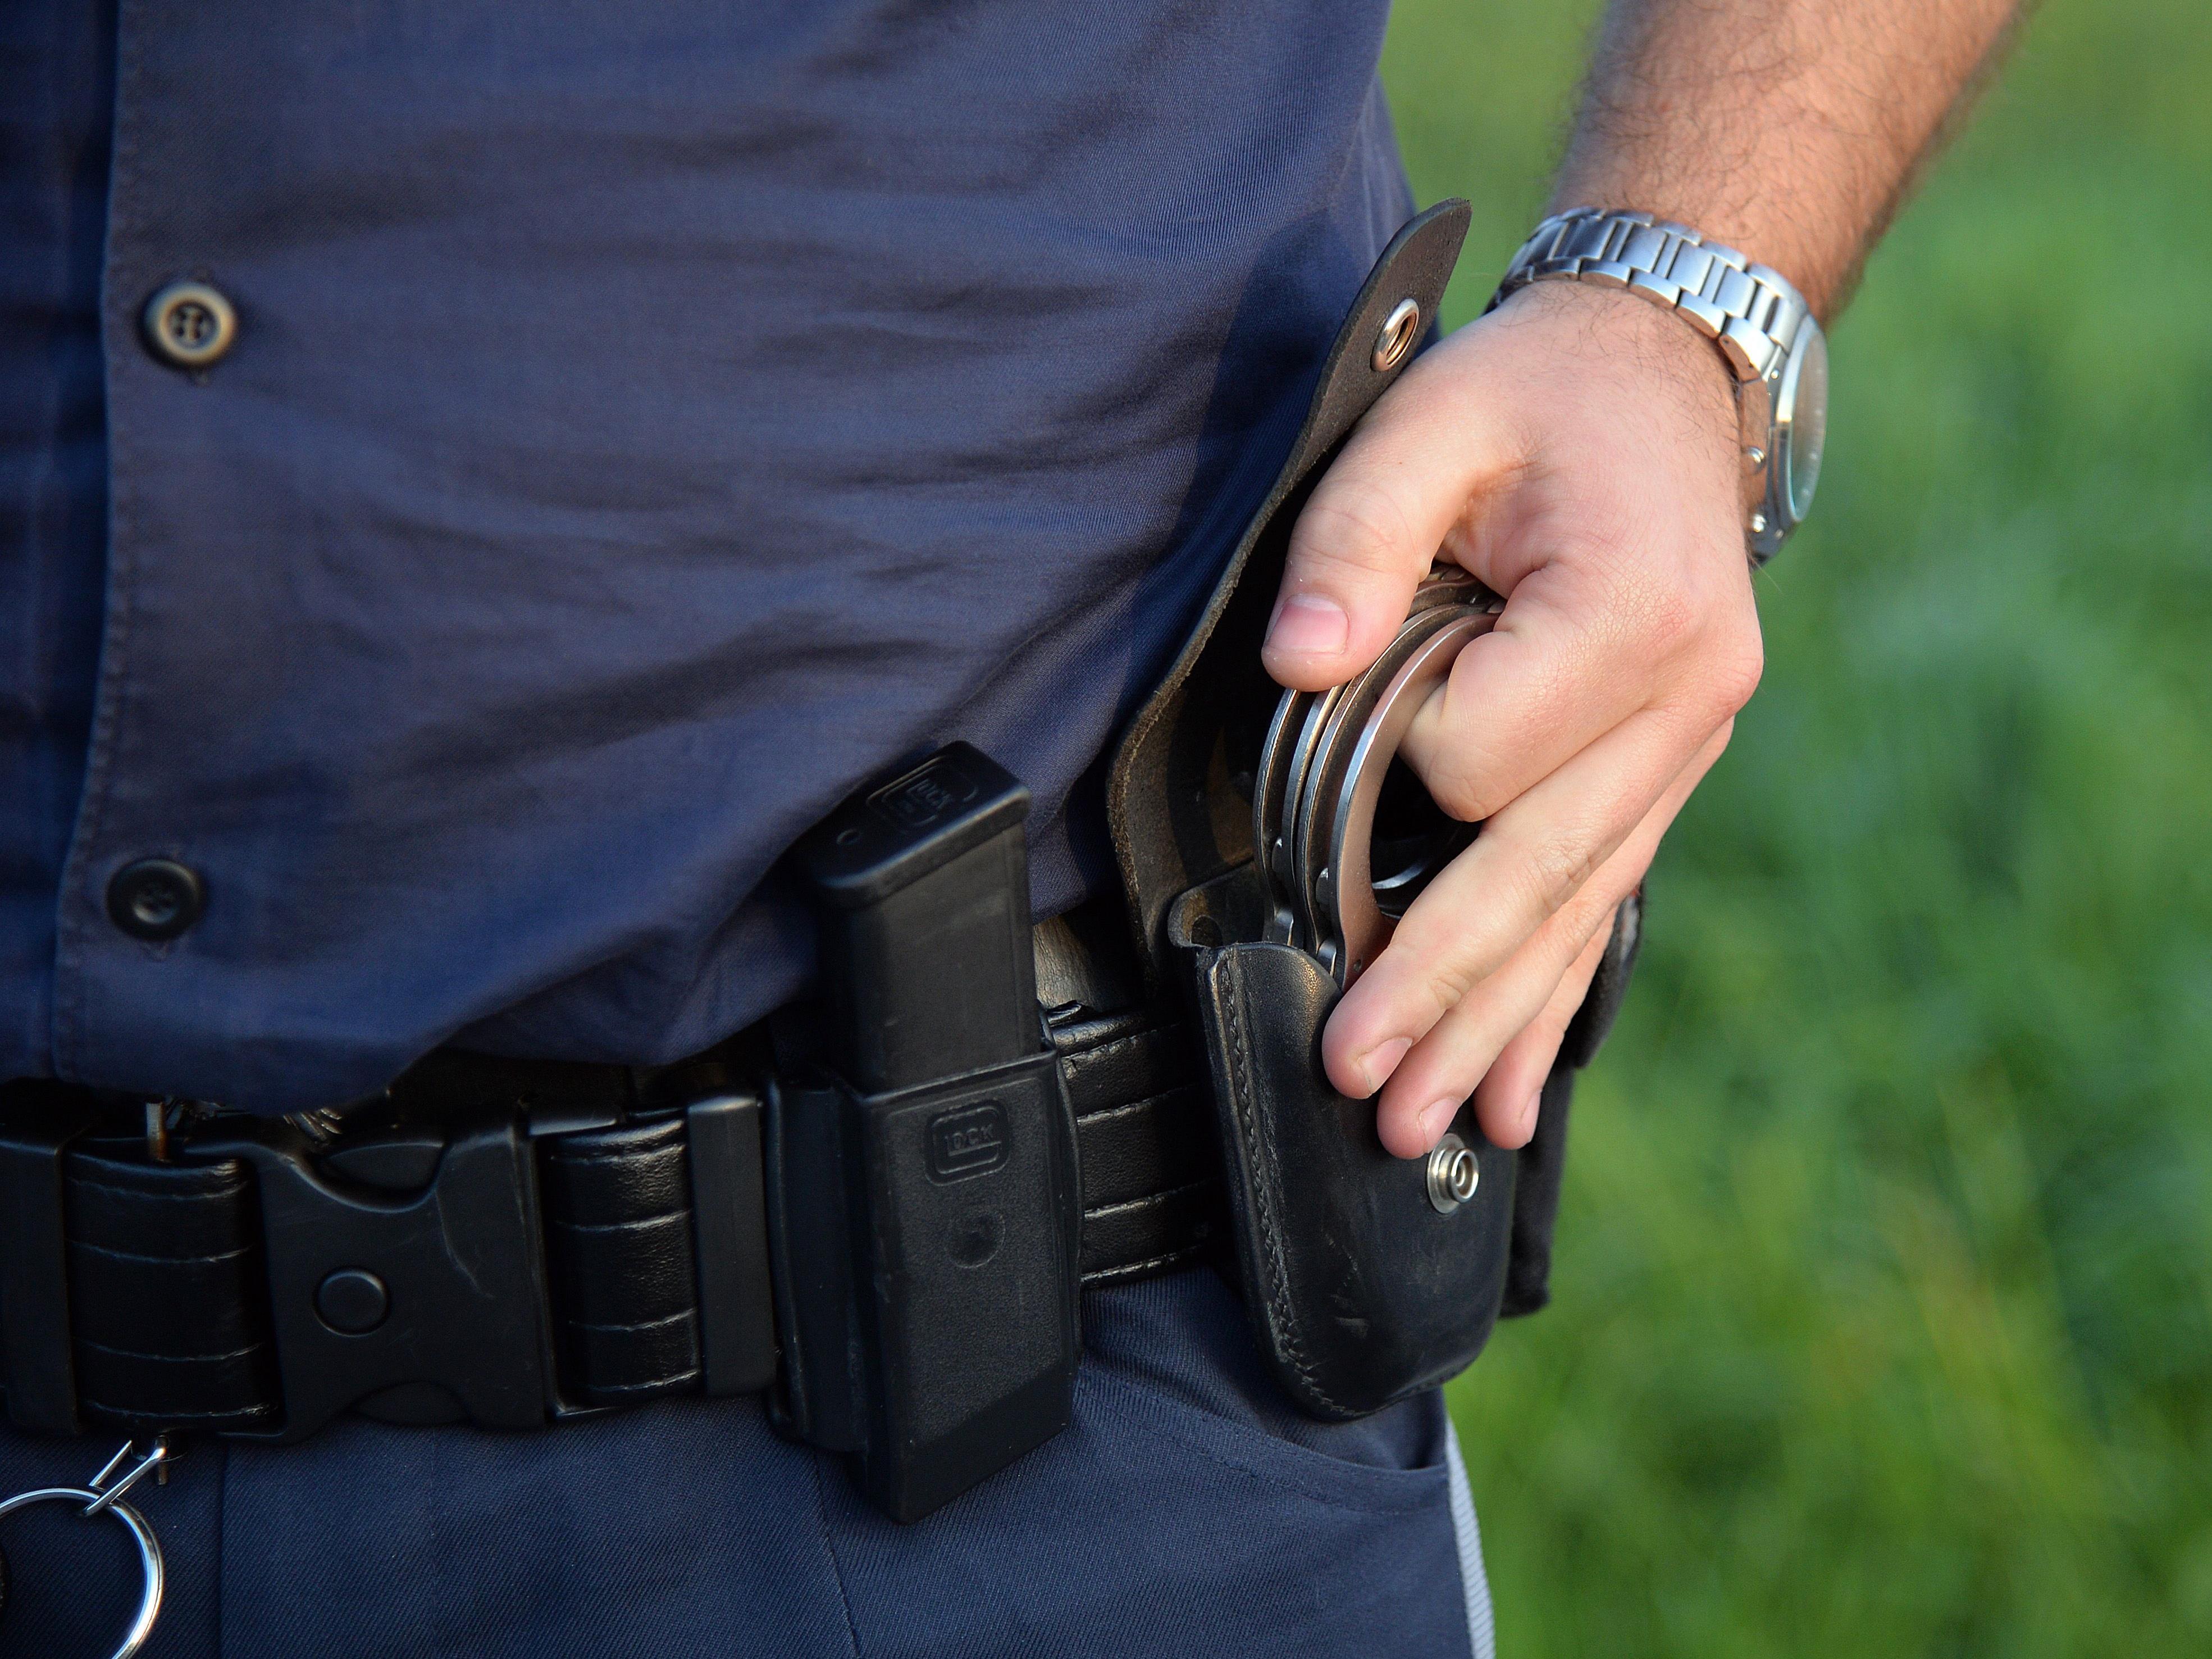 Zwei Personen wurden von der Polizei in Wien-Währing festgenommen.